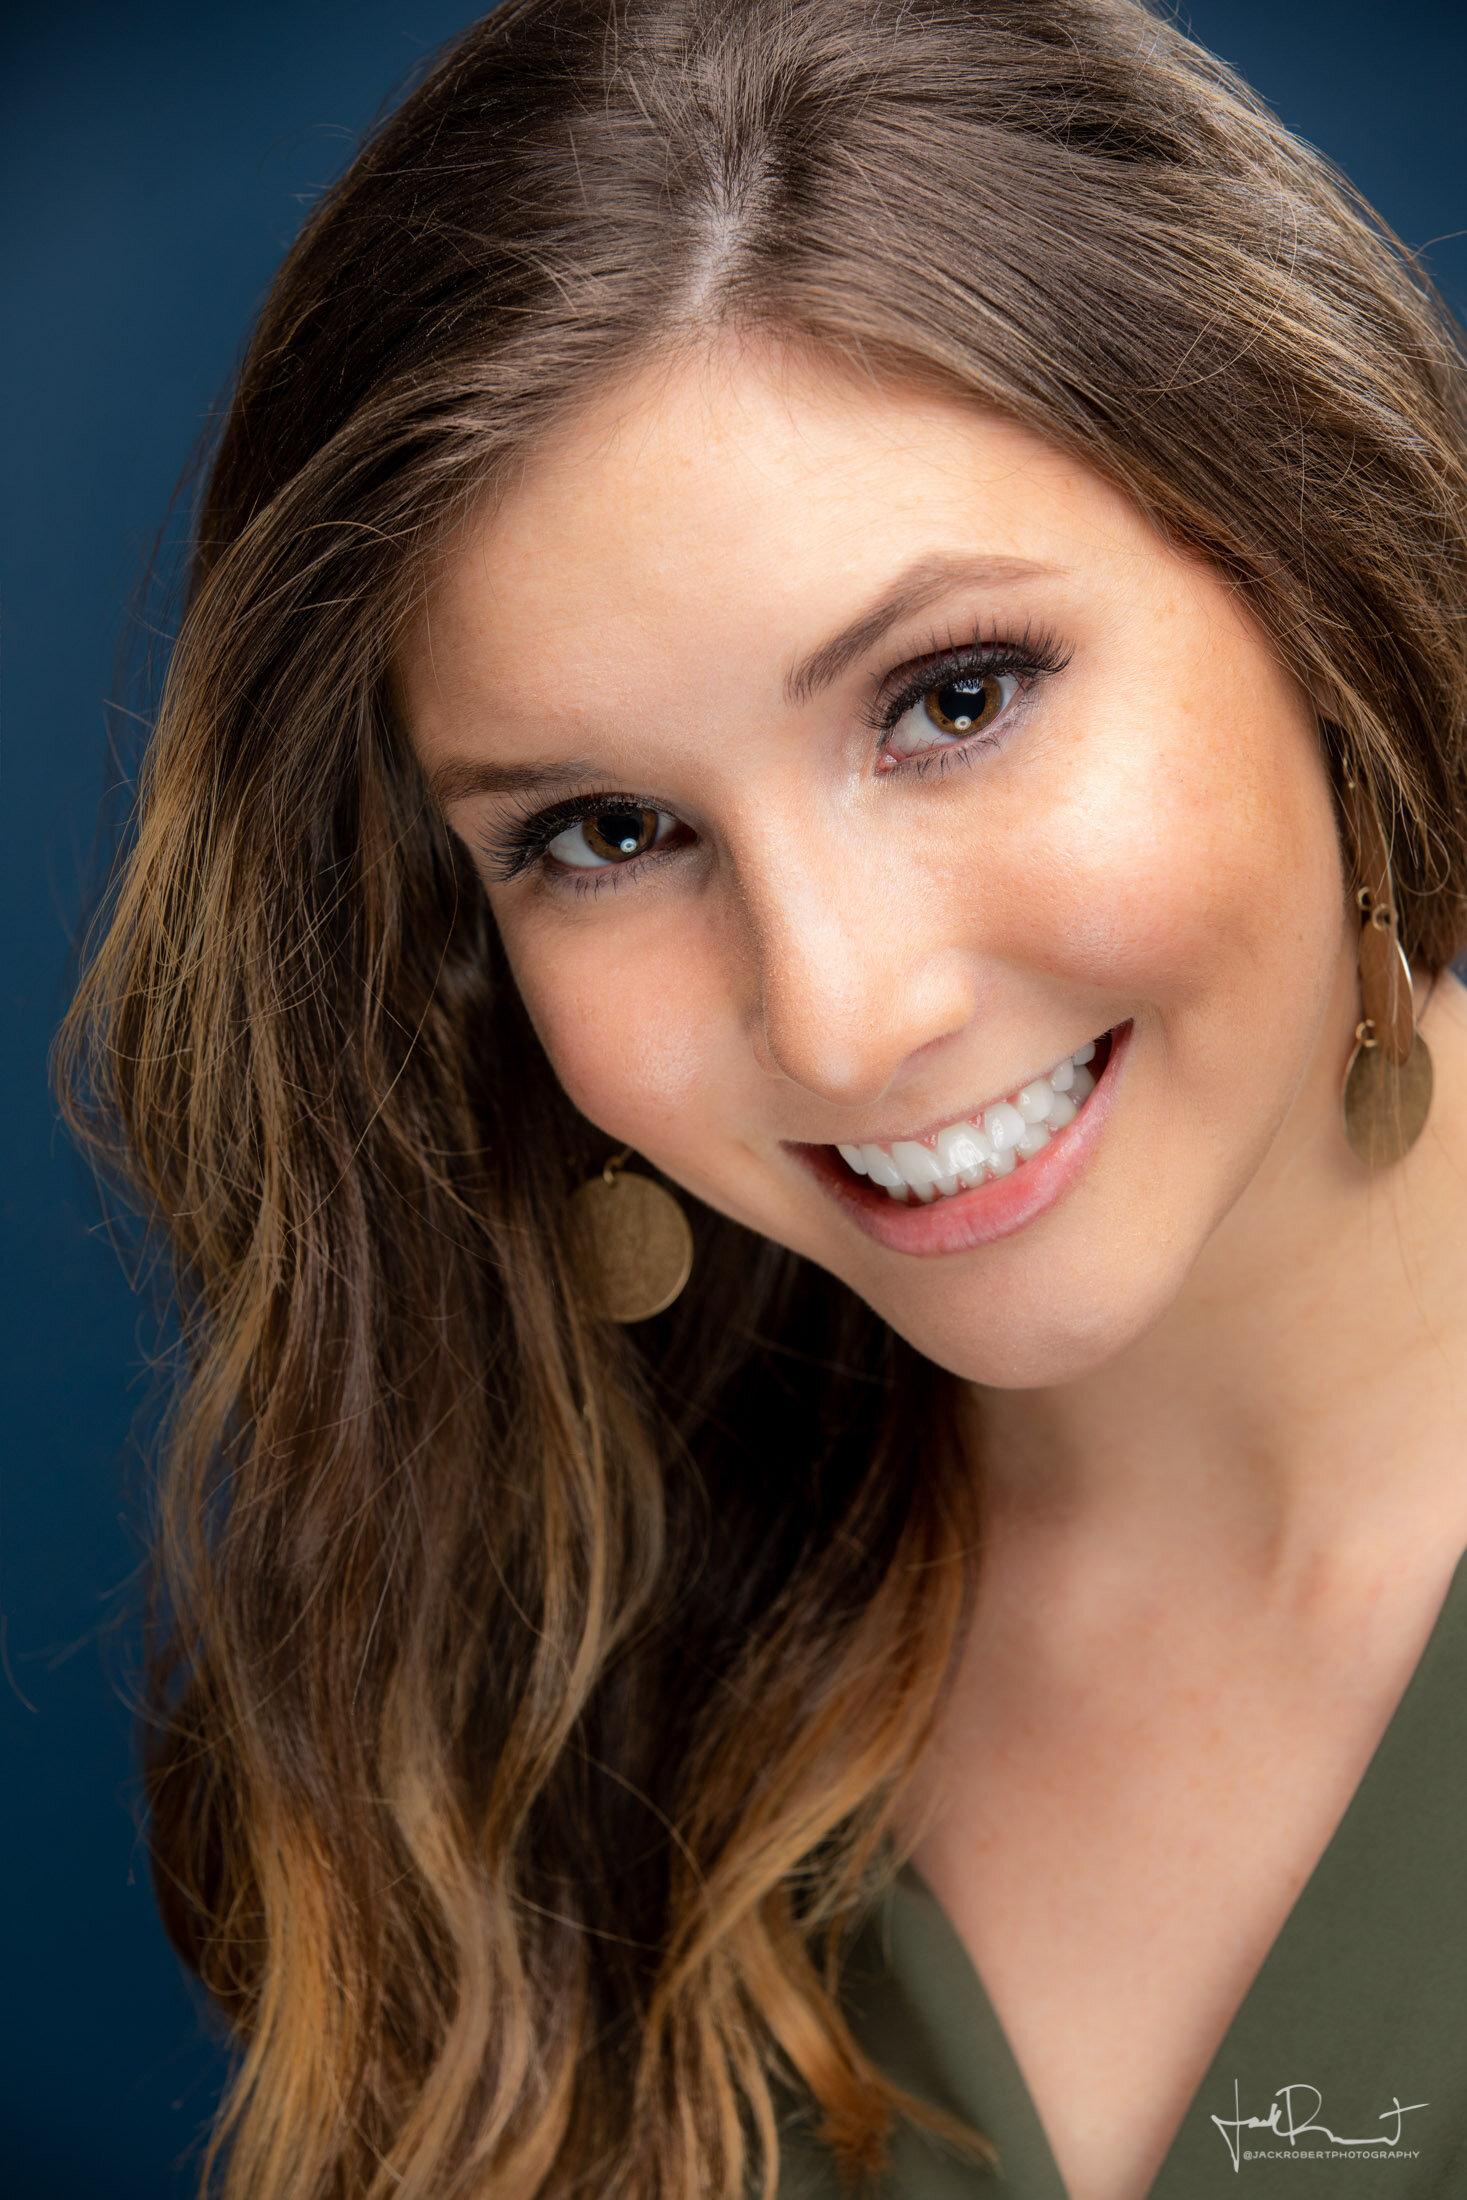 2020-01-22 BLOG Audrey Anne Bowman - Greenville, SC - Jack Robert Photography-2.jpg